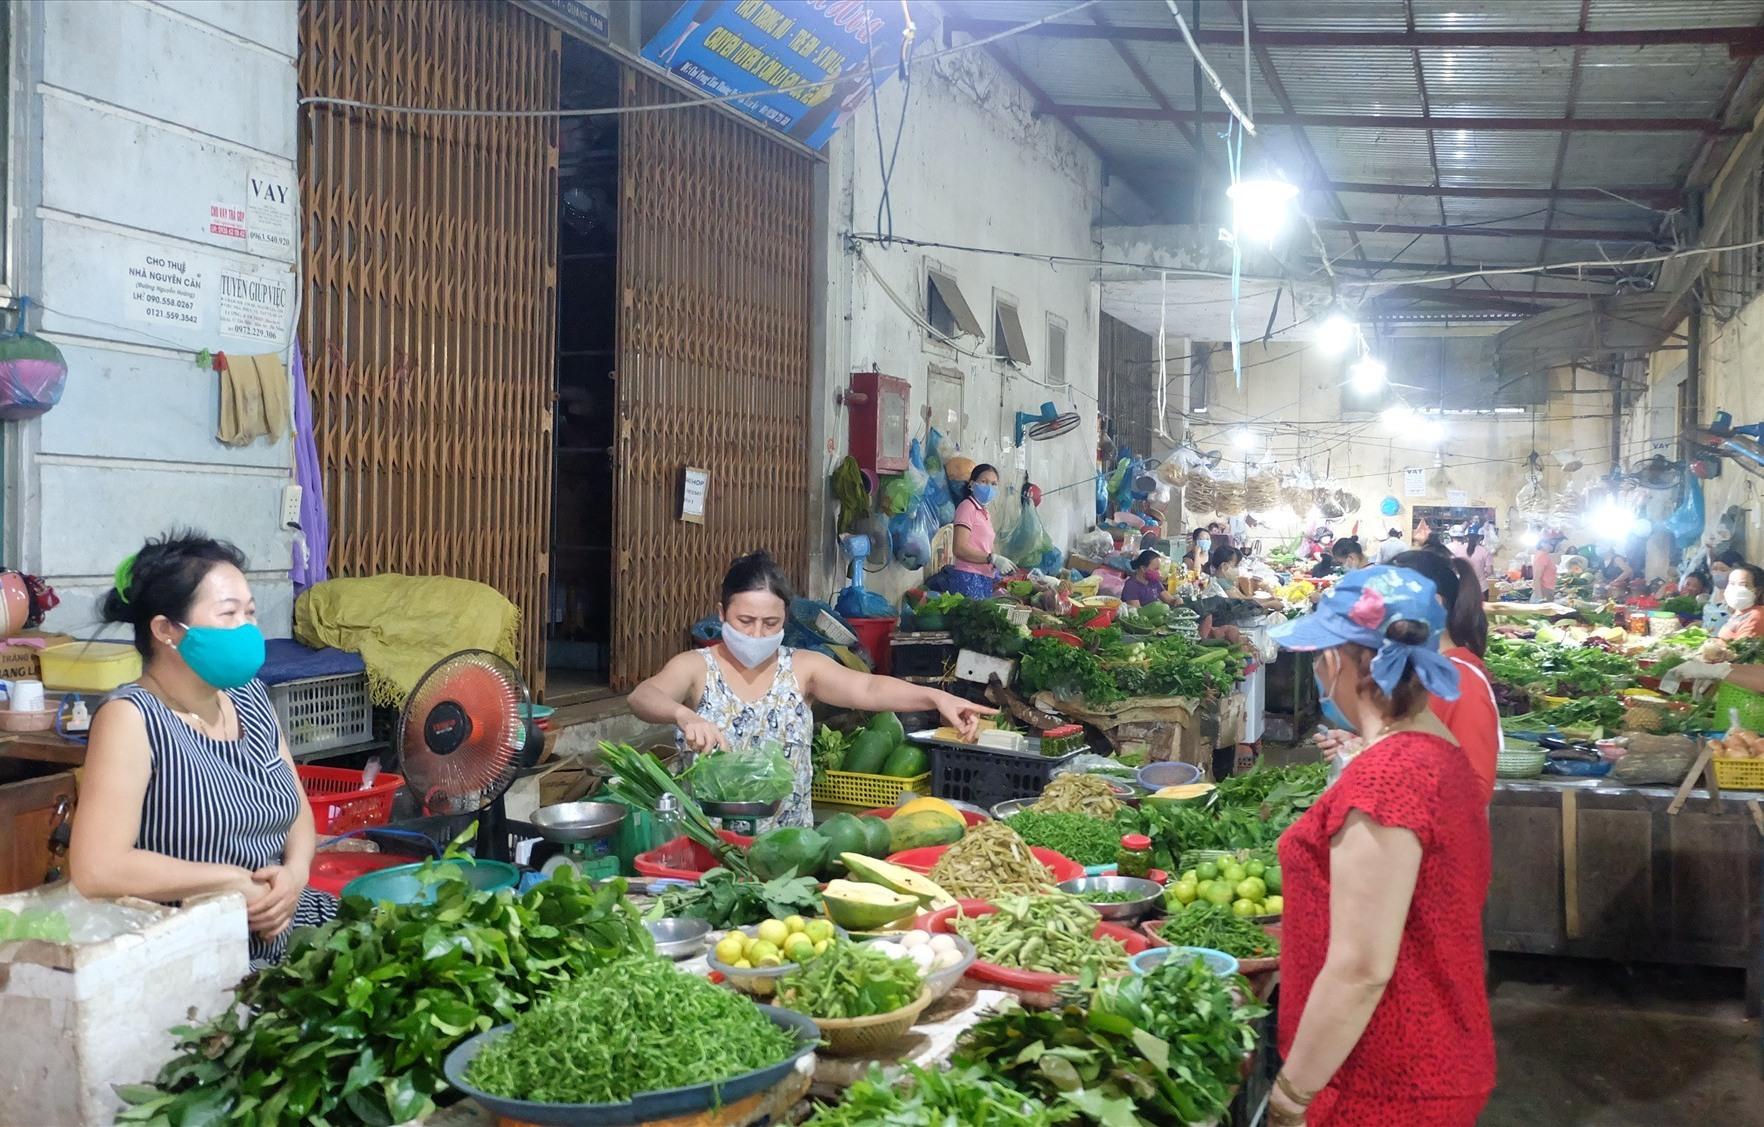 Cần có phương án dự trữ và cung ứng hàng hóa cho người dân khi có bão lũ xảy ra. Ảnh: M.L